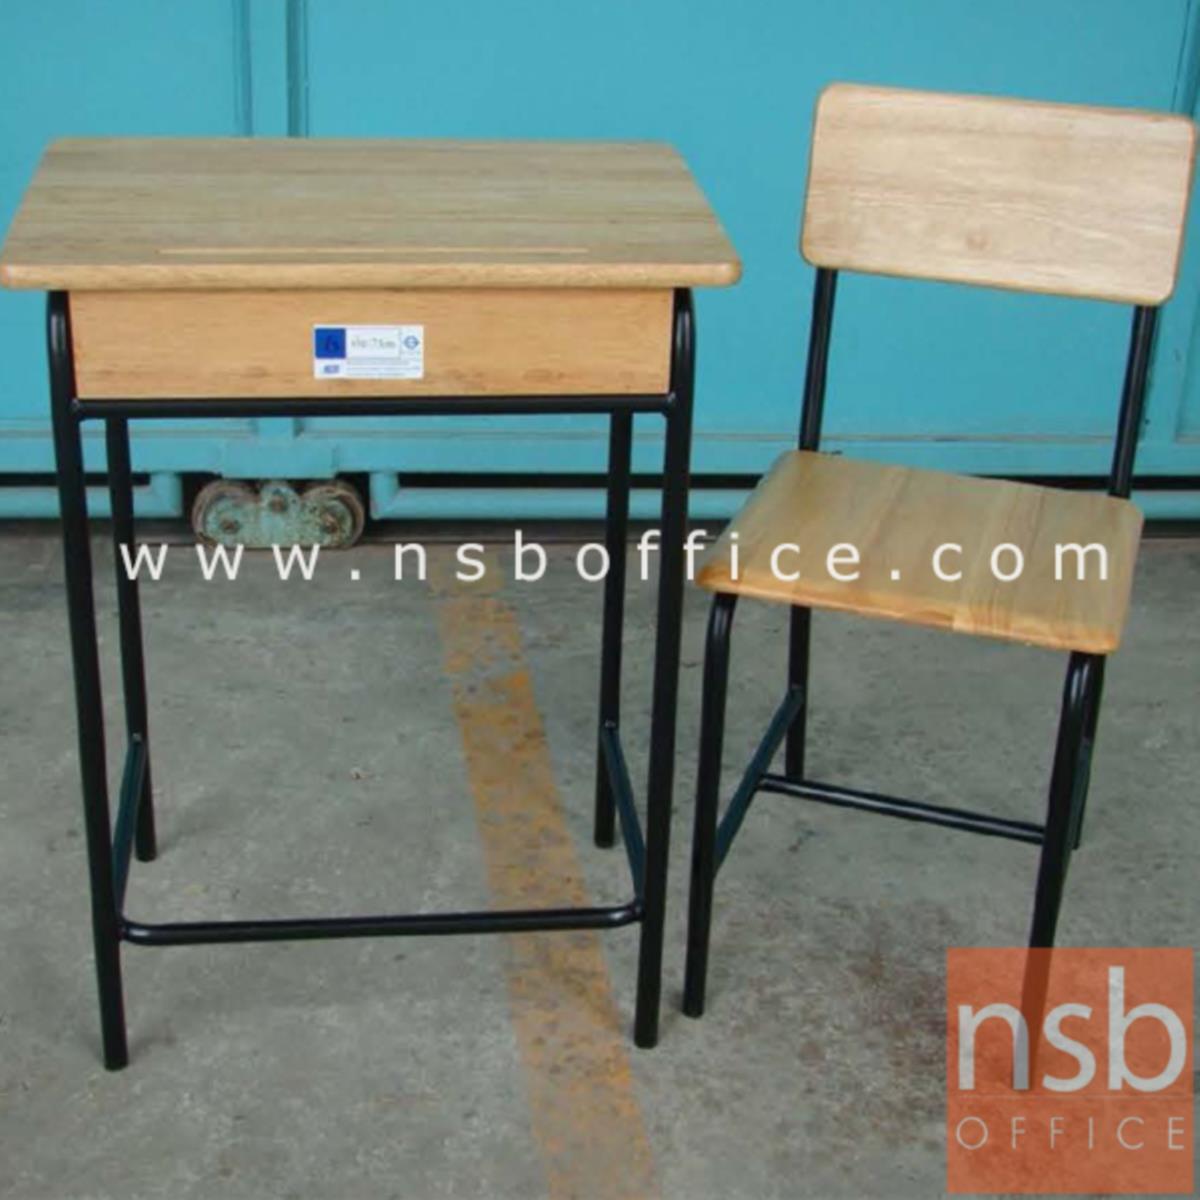 ชุดโต๊ะและเก้าอี้นักเรียน มอก. รุ่น HAWAII (ฮาวายอิ)  ขาสีดำ ระดับมัธยมศึกษา